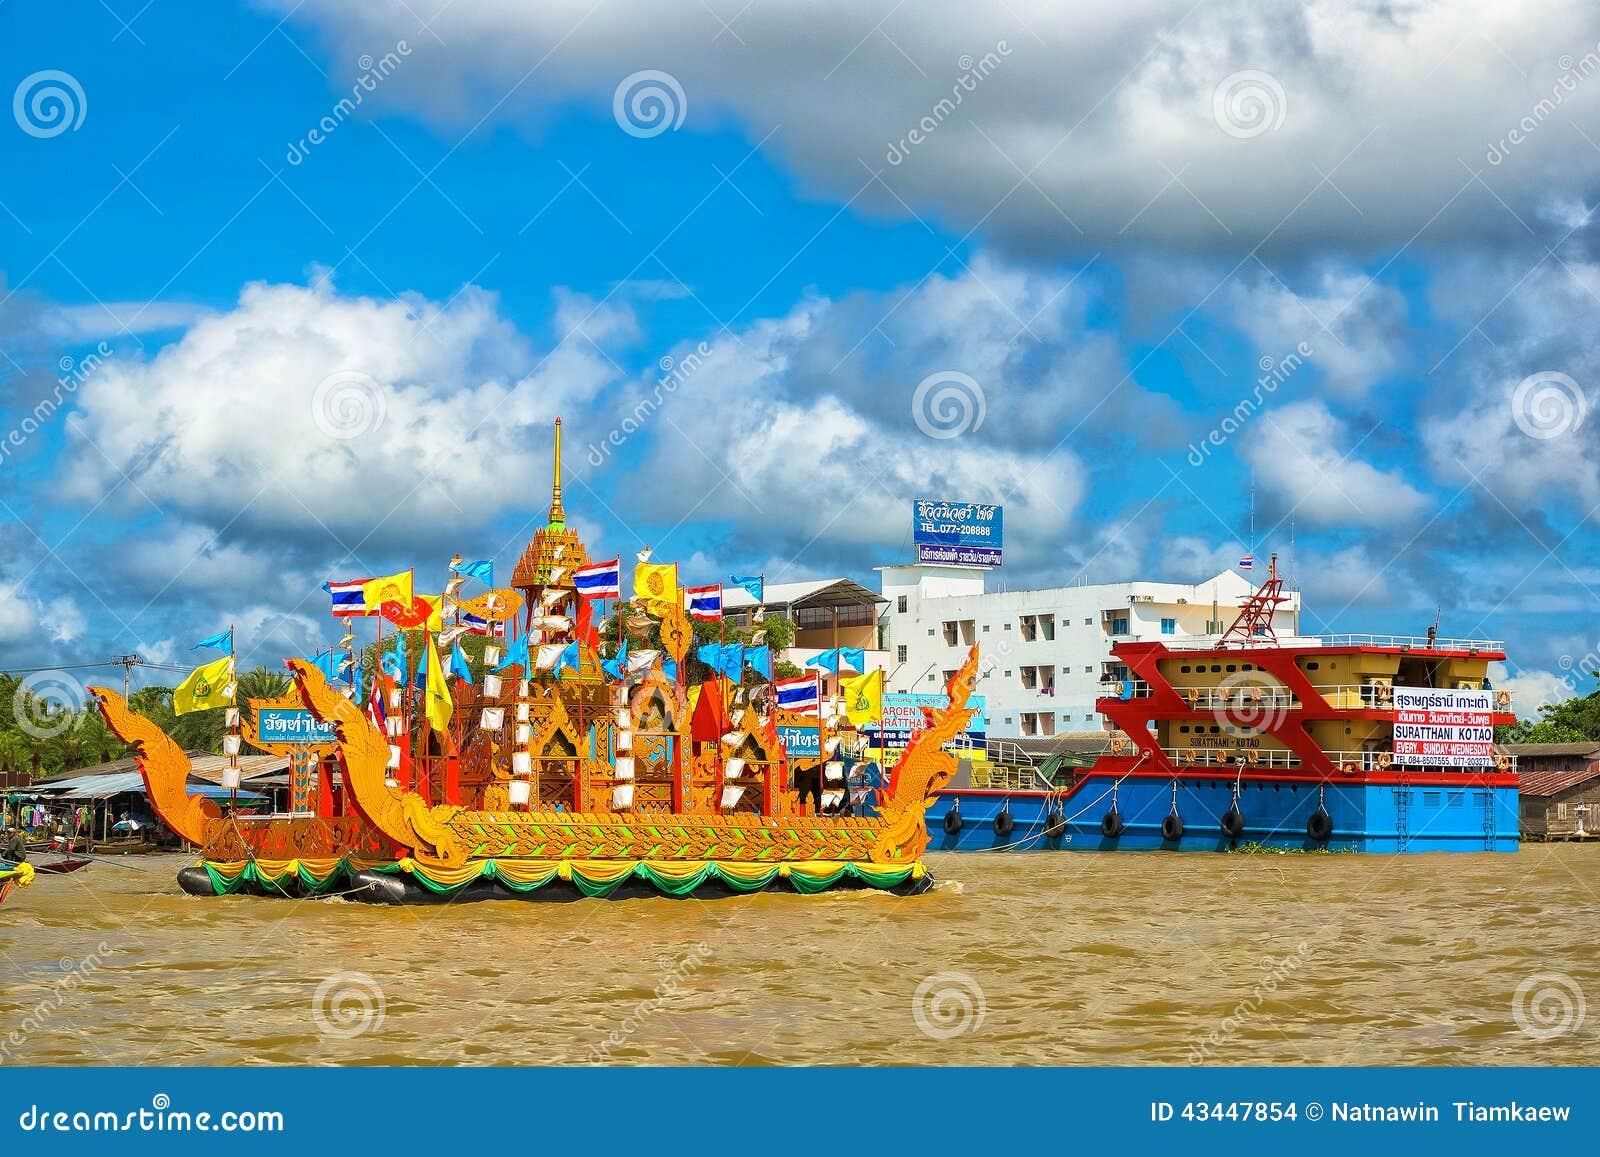 Barco de Chak Phra Chak Phra Festival